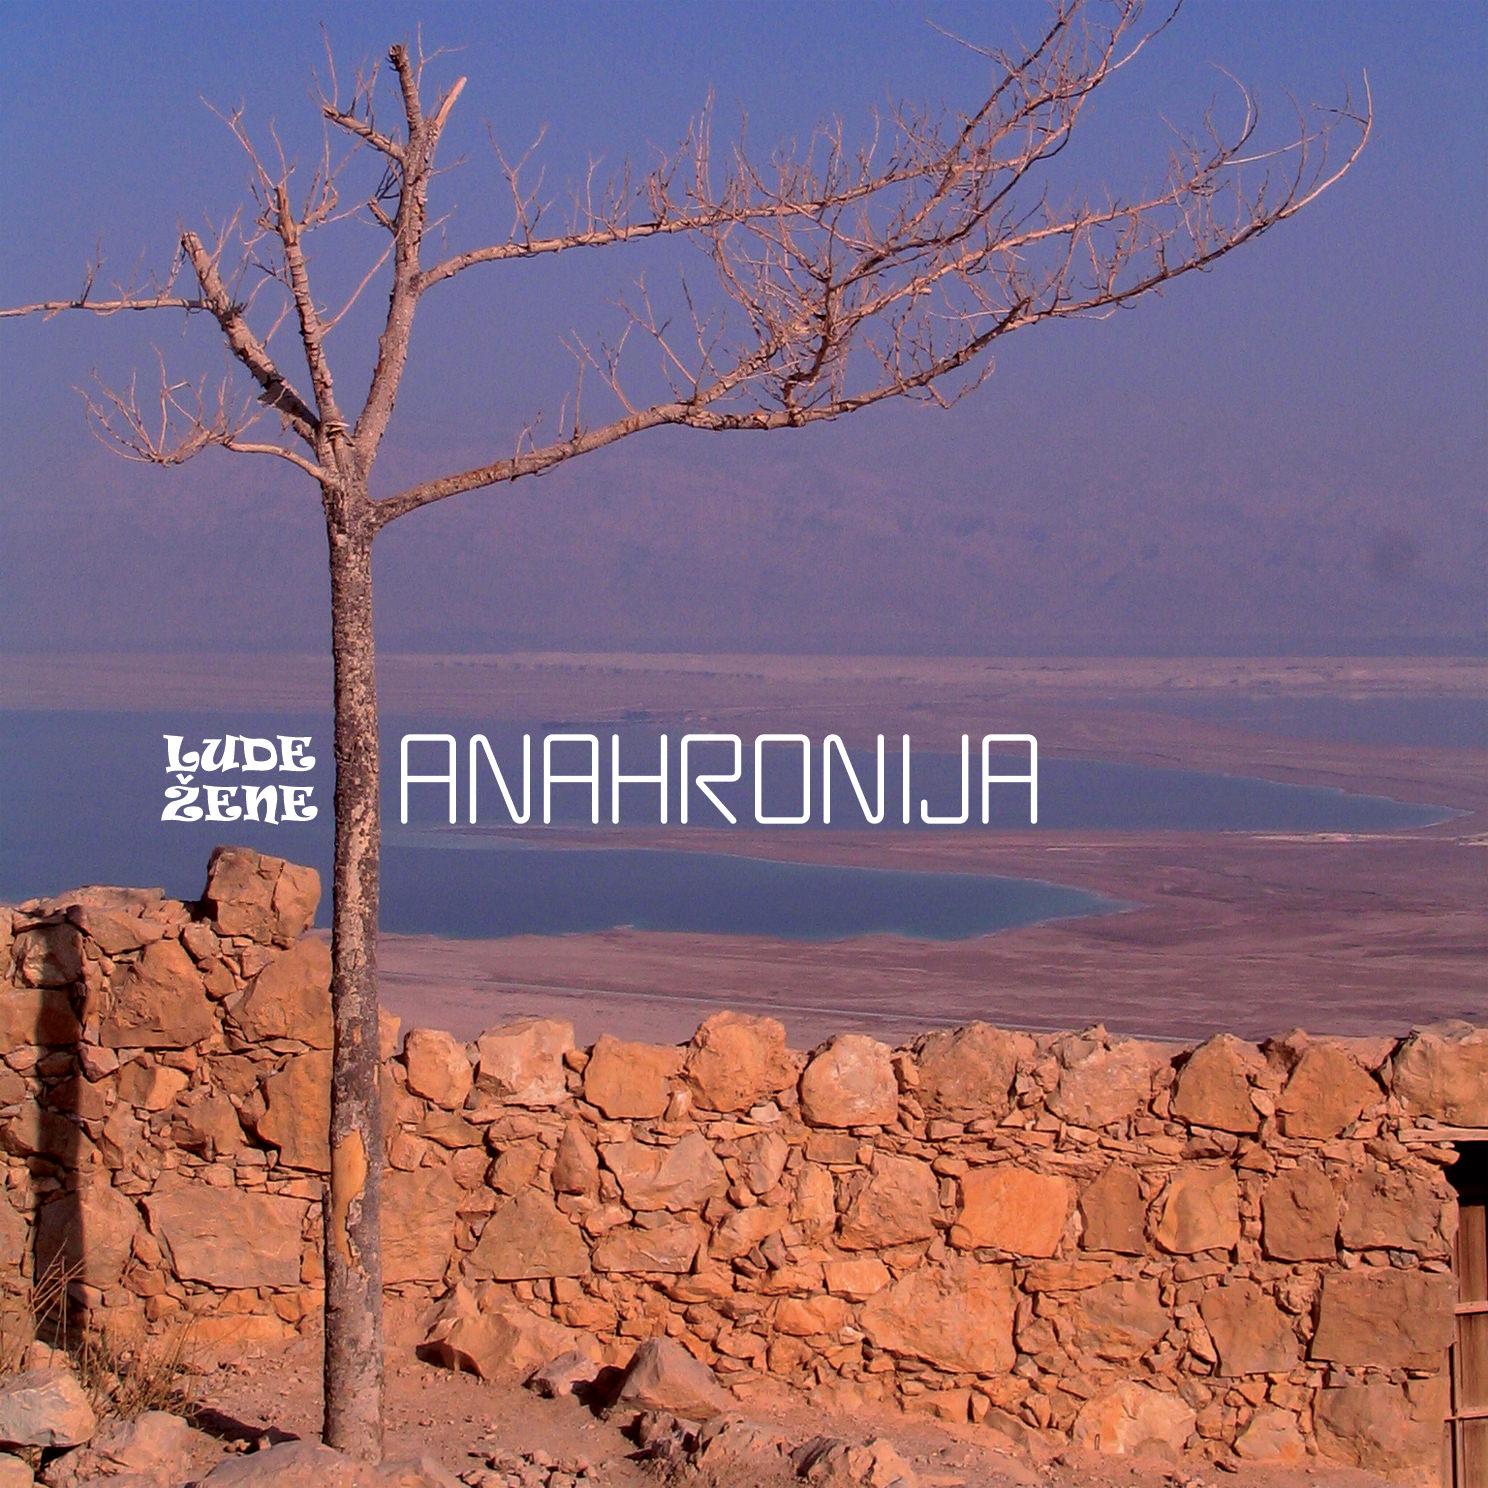 anahronija